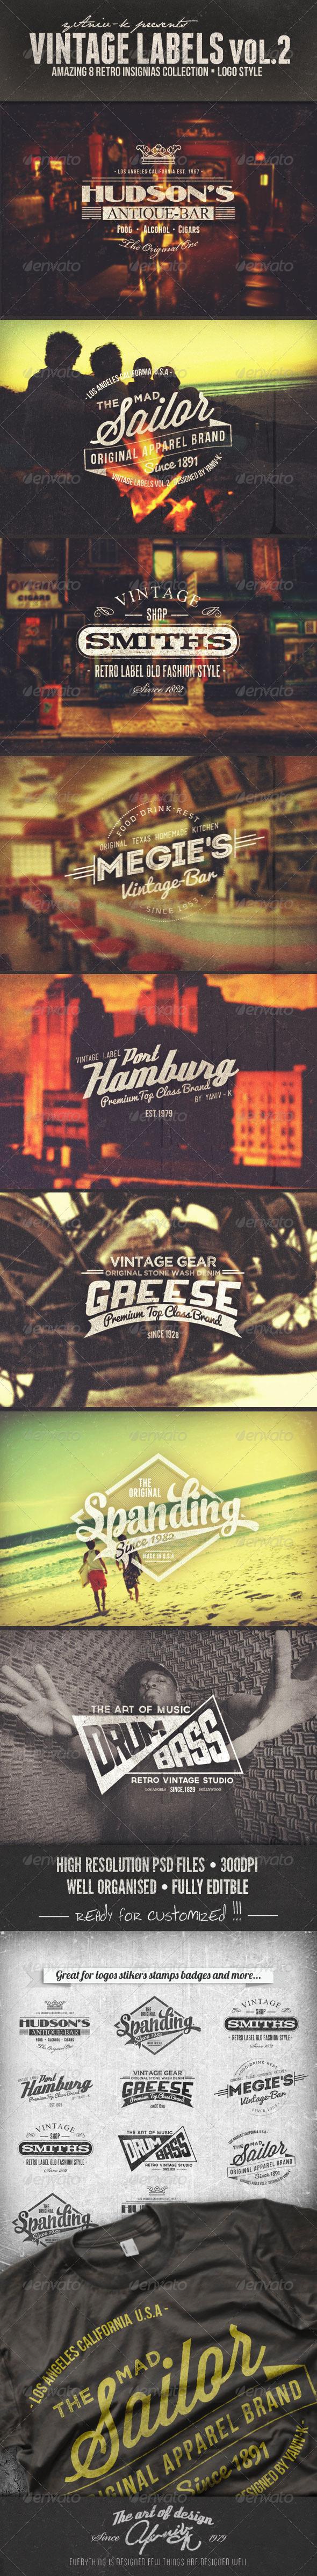 Vintage Labels Vol.2 Free Download #1 free download Vintage Labels Vol.2 Free Download #1 nulled Vintage Labels Vol.2 Free Download #1